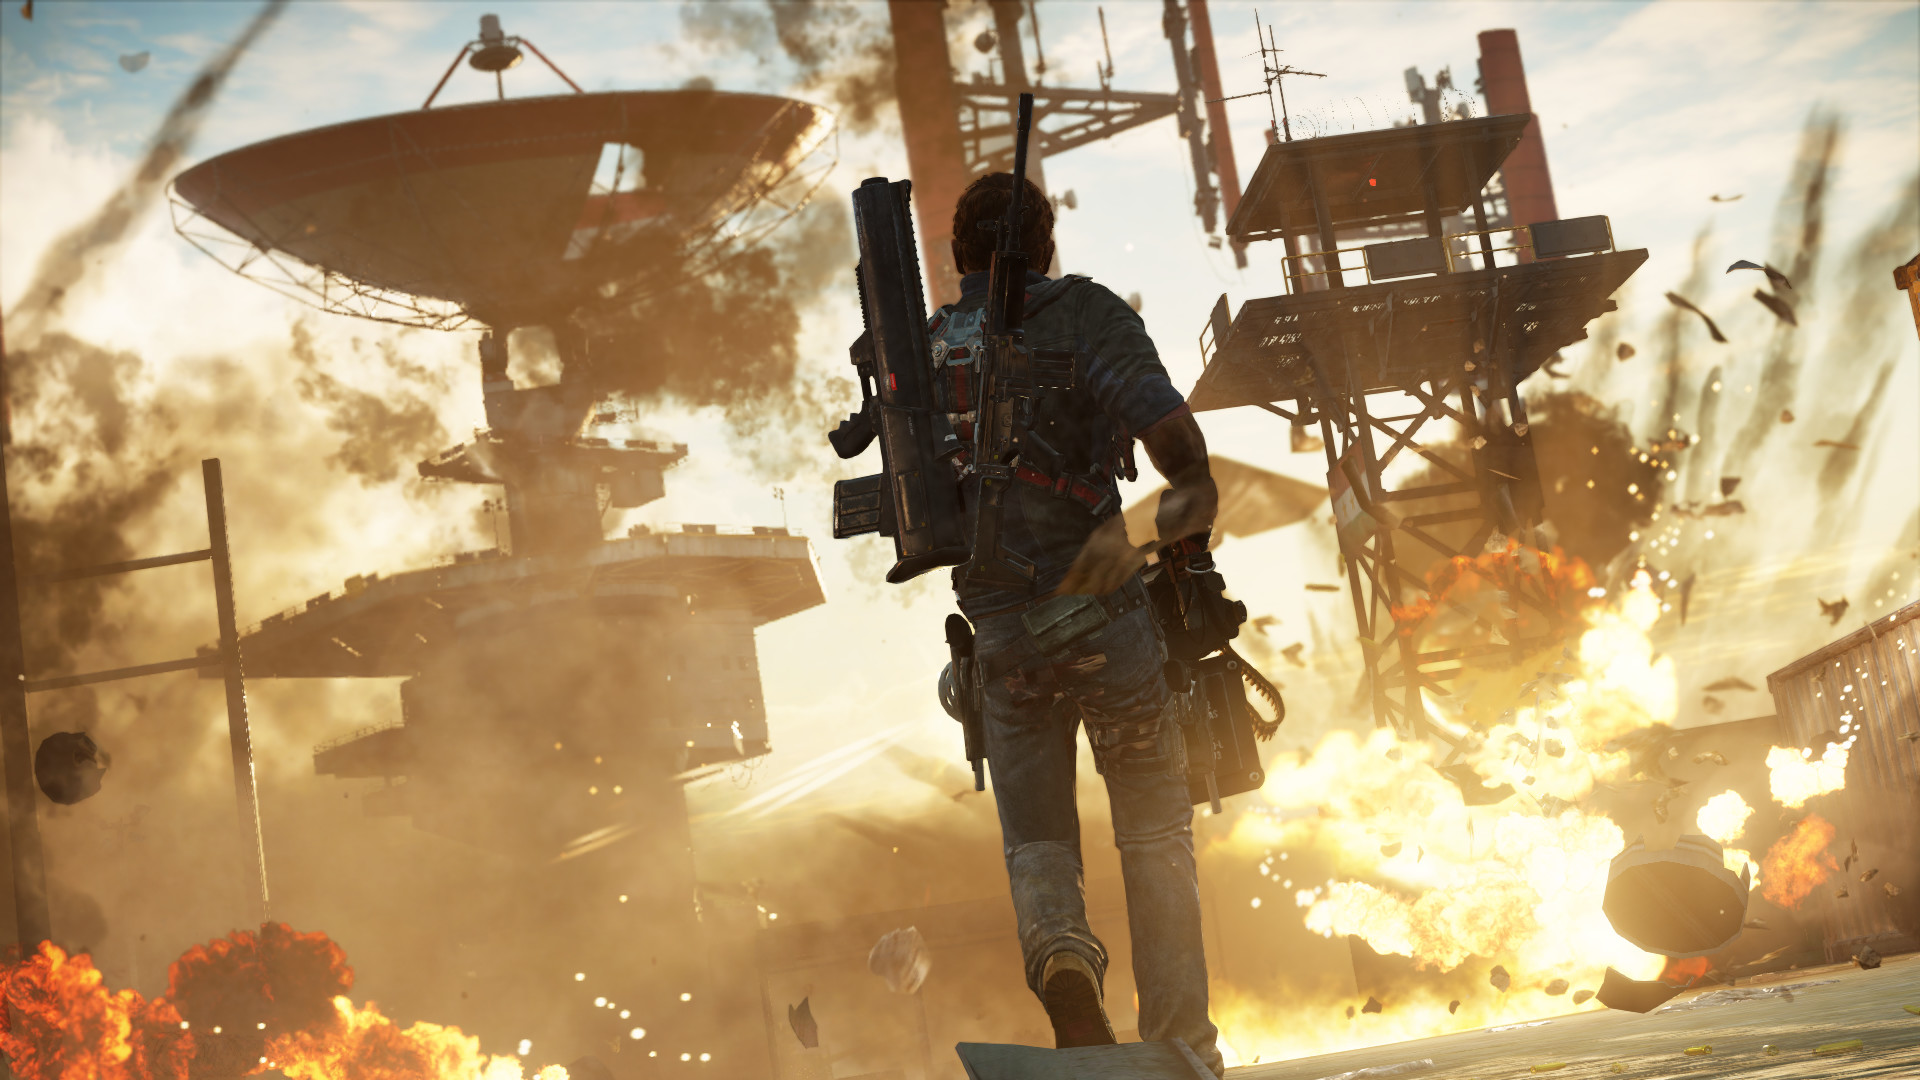 Uno de los mods multijugador para Just Cause 3 fue cancelado por una oferta difícil de rechazar